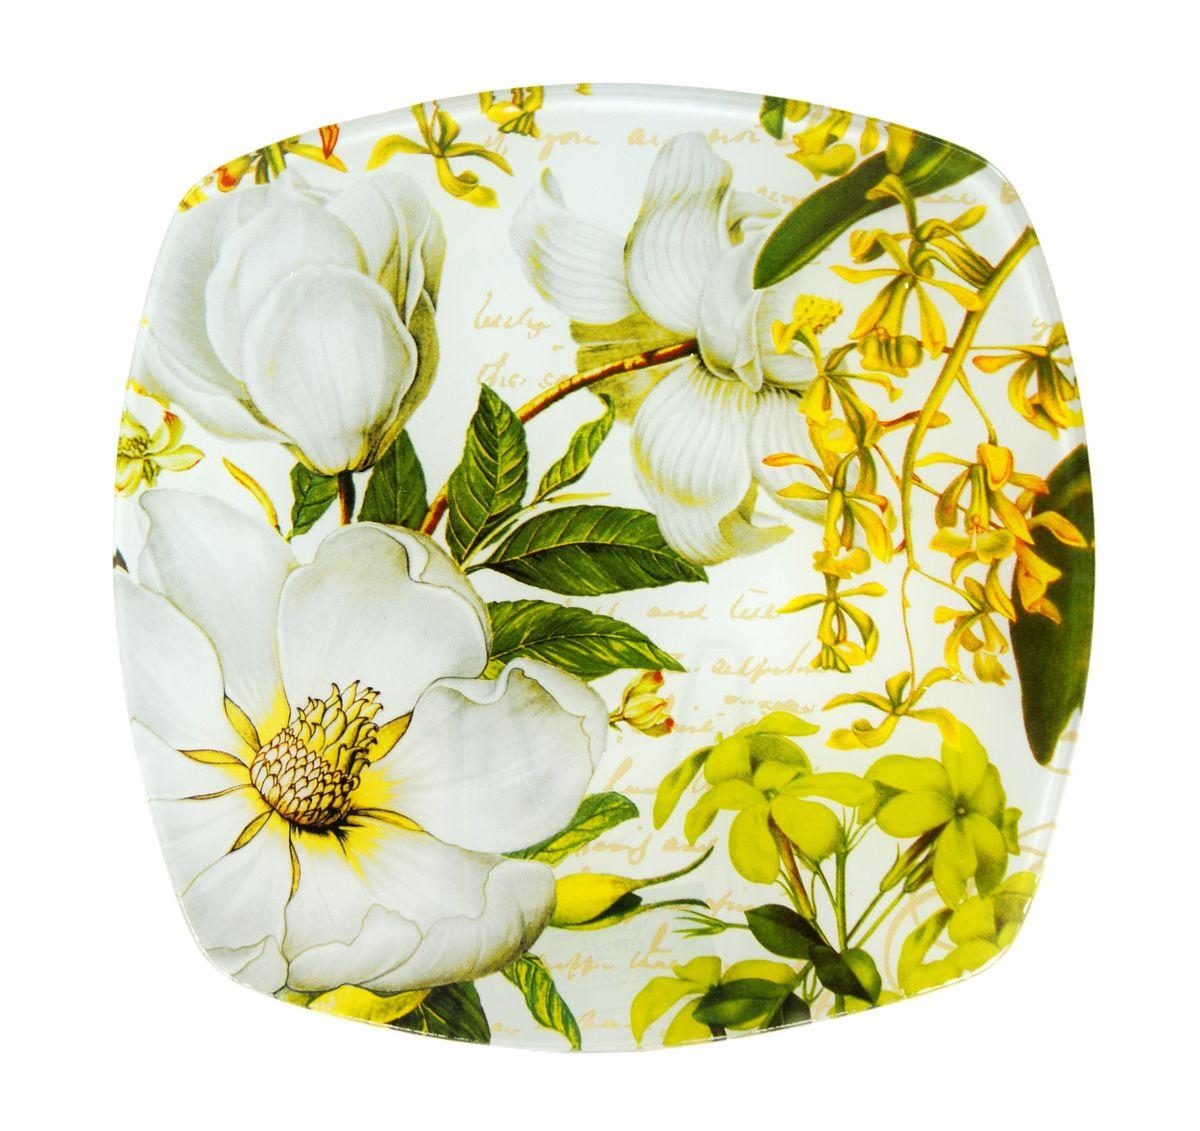 Тарелка Zibo Shelley Белая роза, 25 х 25 смZSWR350010Квадратная тарелка Zibo Shelley Белая роза, изготовленная из стекла, декорирована ярким изображением цветов. Она не только украсит сервировку вашего стола и подчеркнет прекрасный вкус хозяина, но и станет отличным подарком. Можно использовать в посудомоечной машине и СВЧ. Размер по верхнему краю: 25 см х 25 см. Высота: 1,9 см.